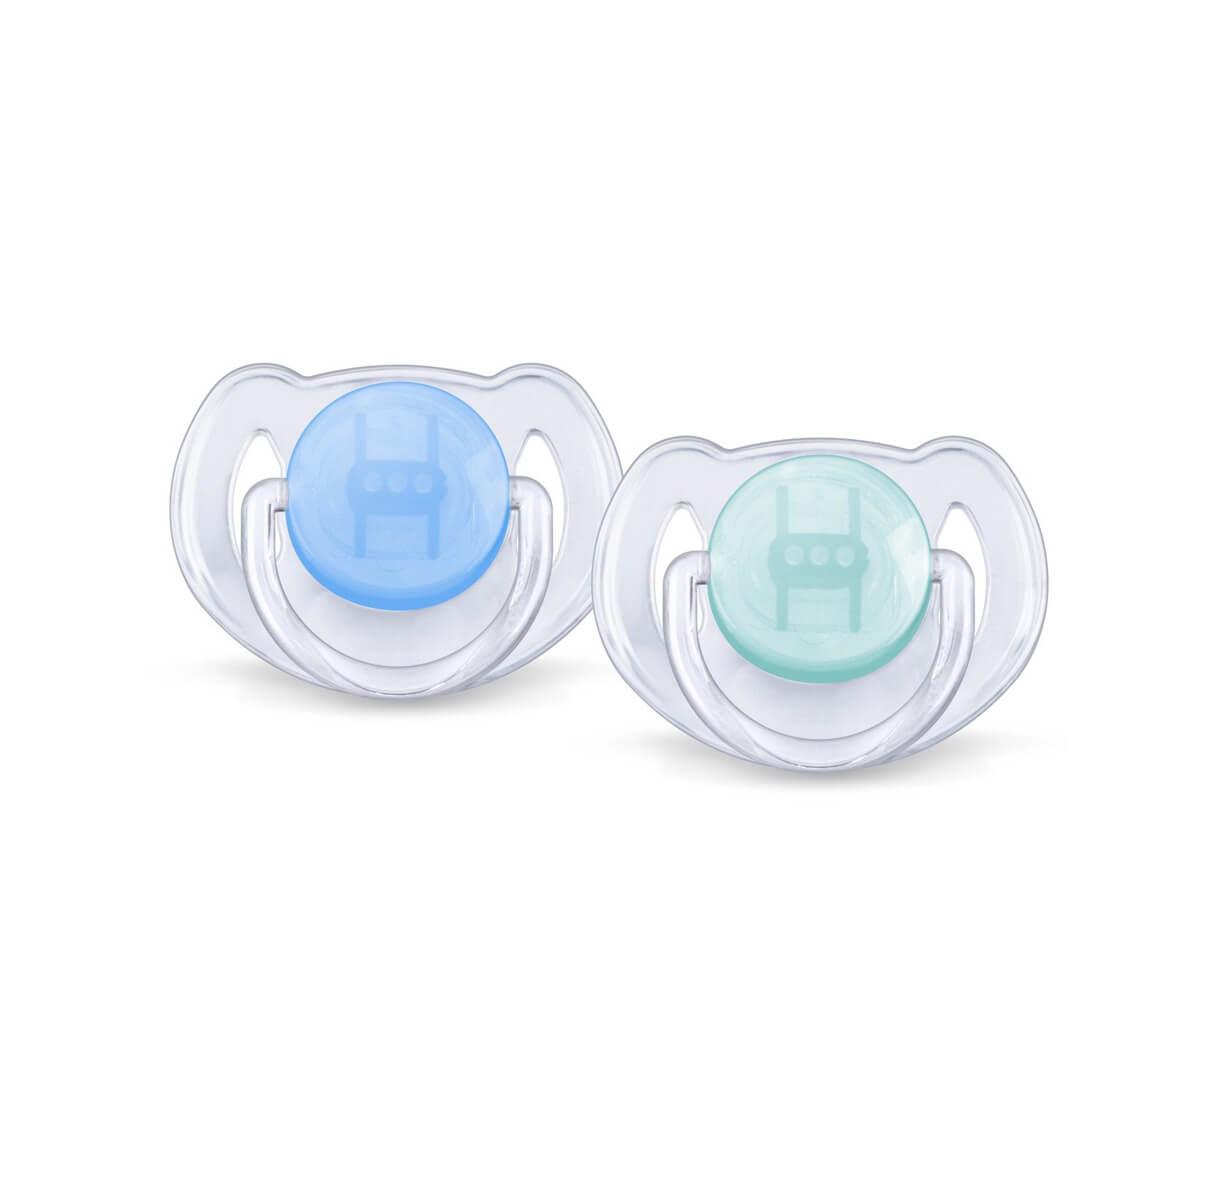 2 Chupetas ortodônticas Avent Philips Azul e verde - 6-18 Meses